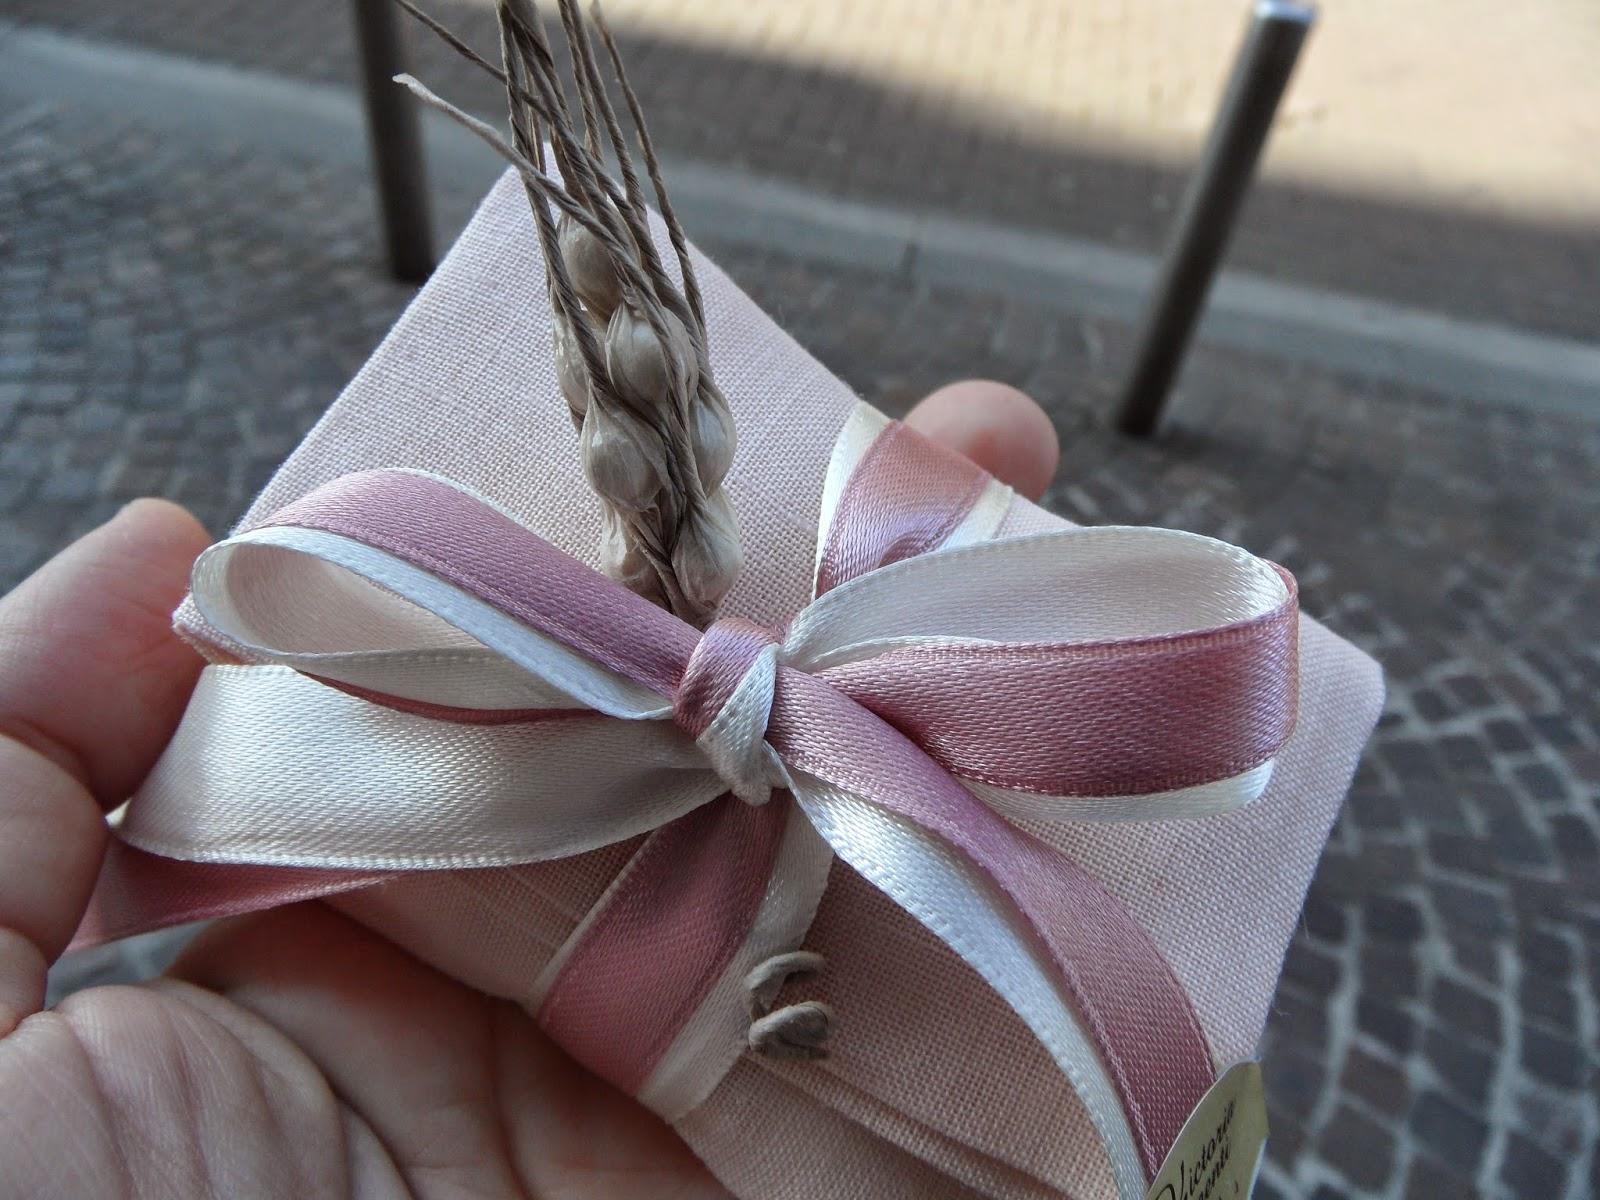 Eccezionale Bomboniere per Amore: Idee Comunione Bimba Sacchetto lino color  GN25